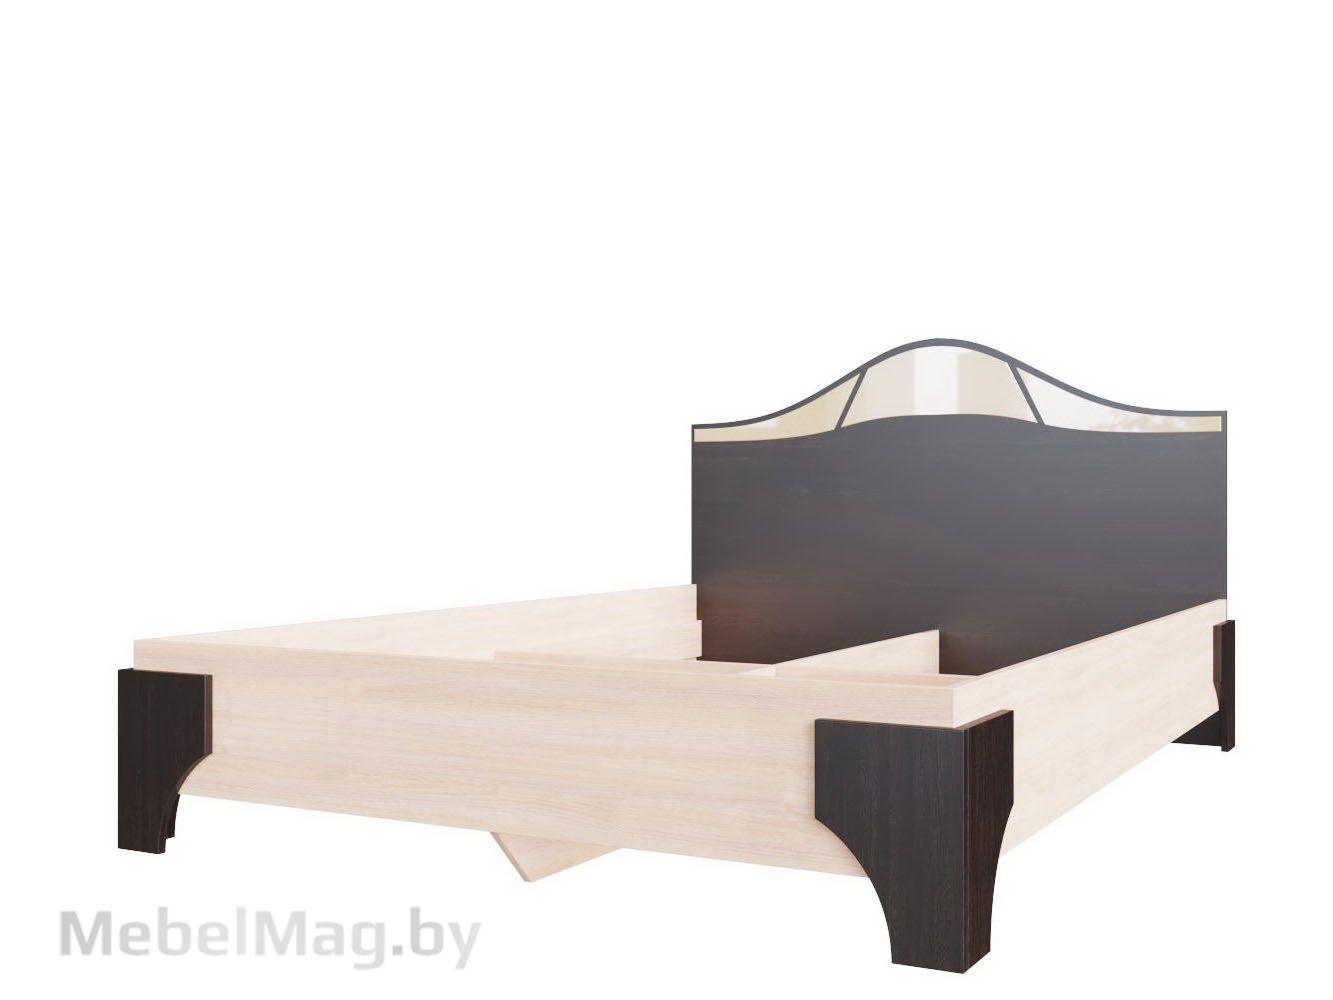 Кровать двойная 1,4x2,0 Дуб венге/Дуб млечный - Коллекция Лагуна 5